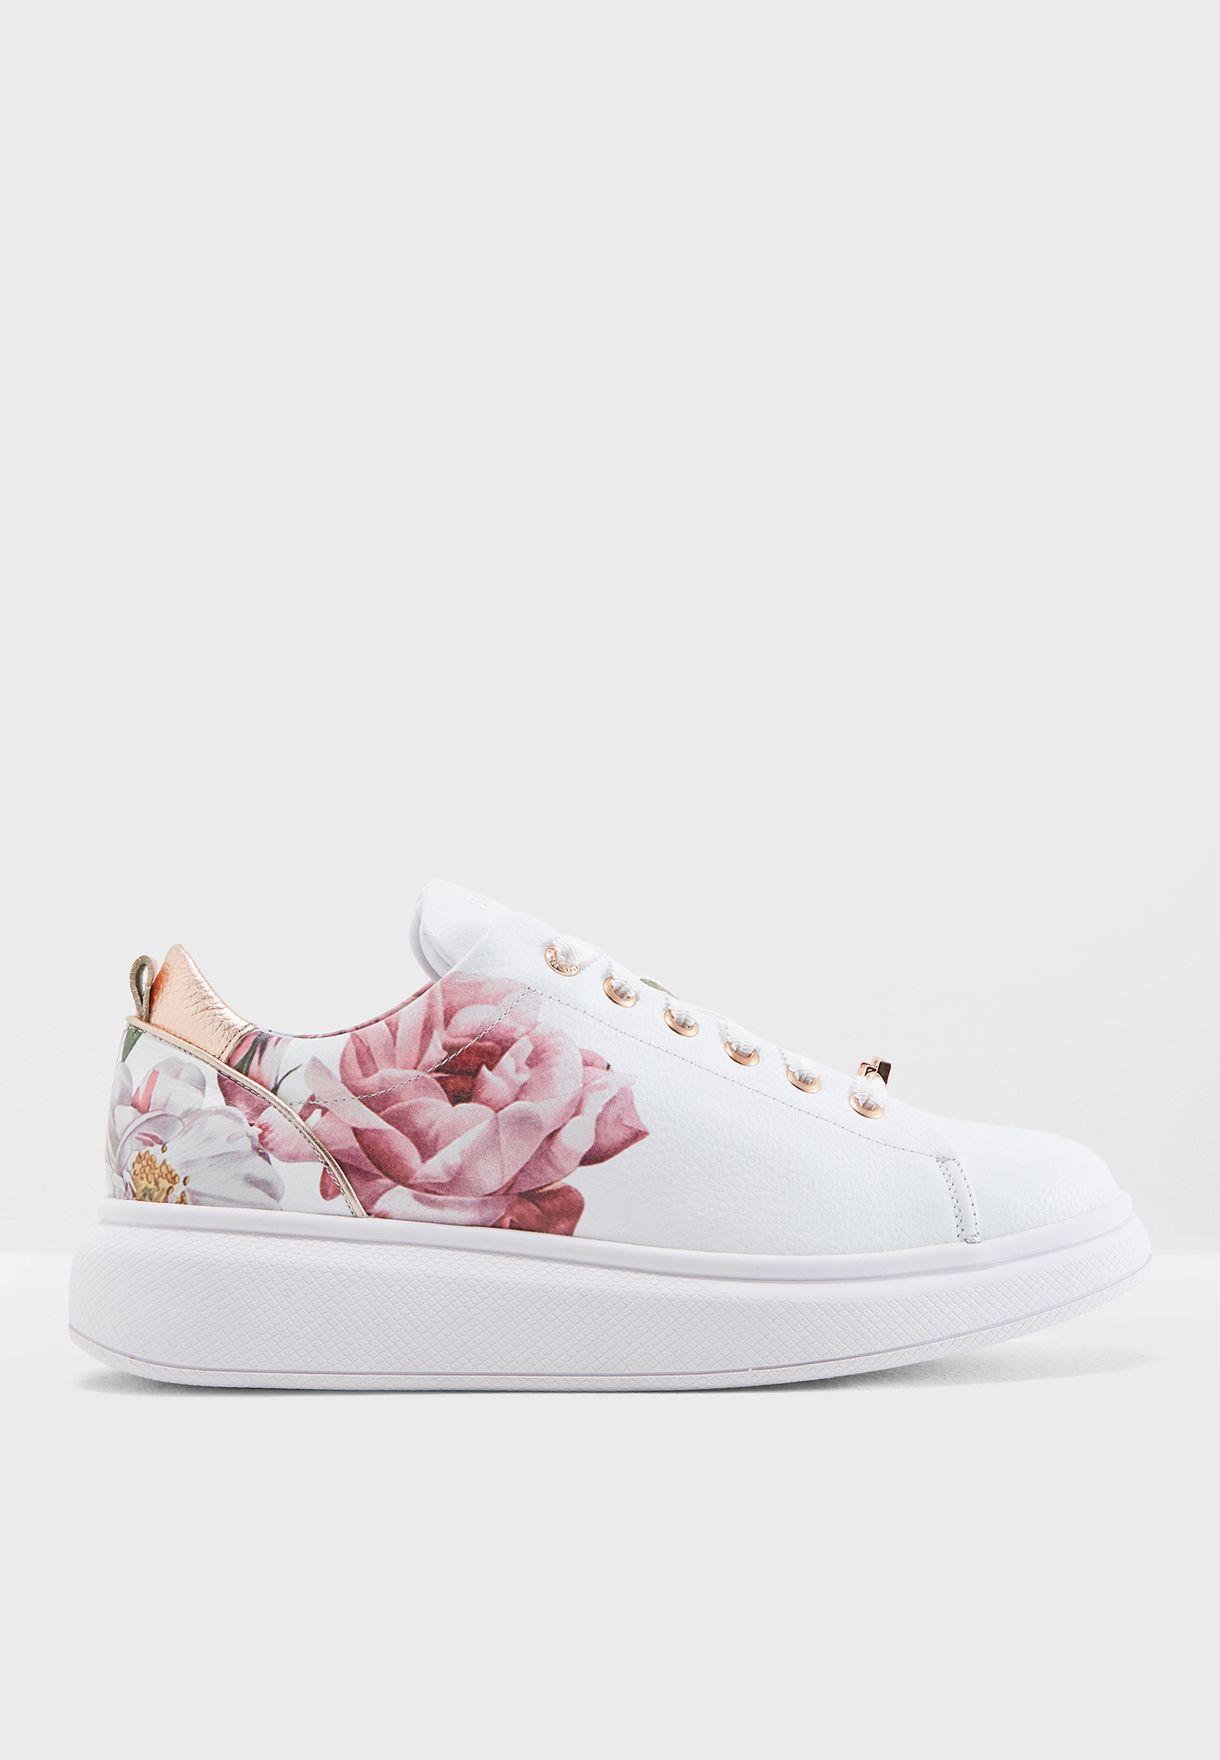 cb721e03e0be16 Shop Ted baker white Ailbe 2 Sneaker 917743 for Women in UAE ...